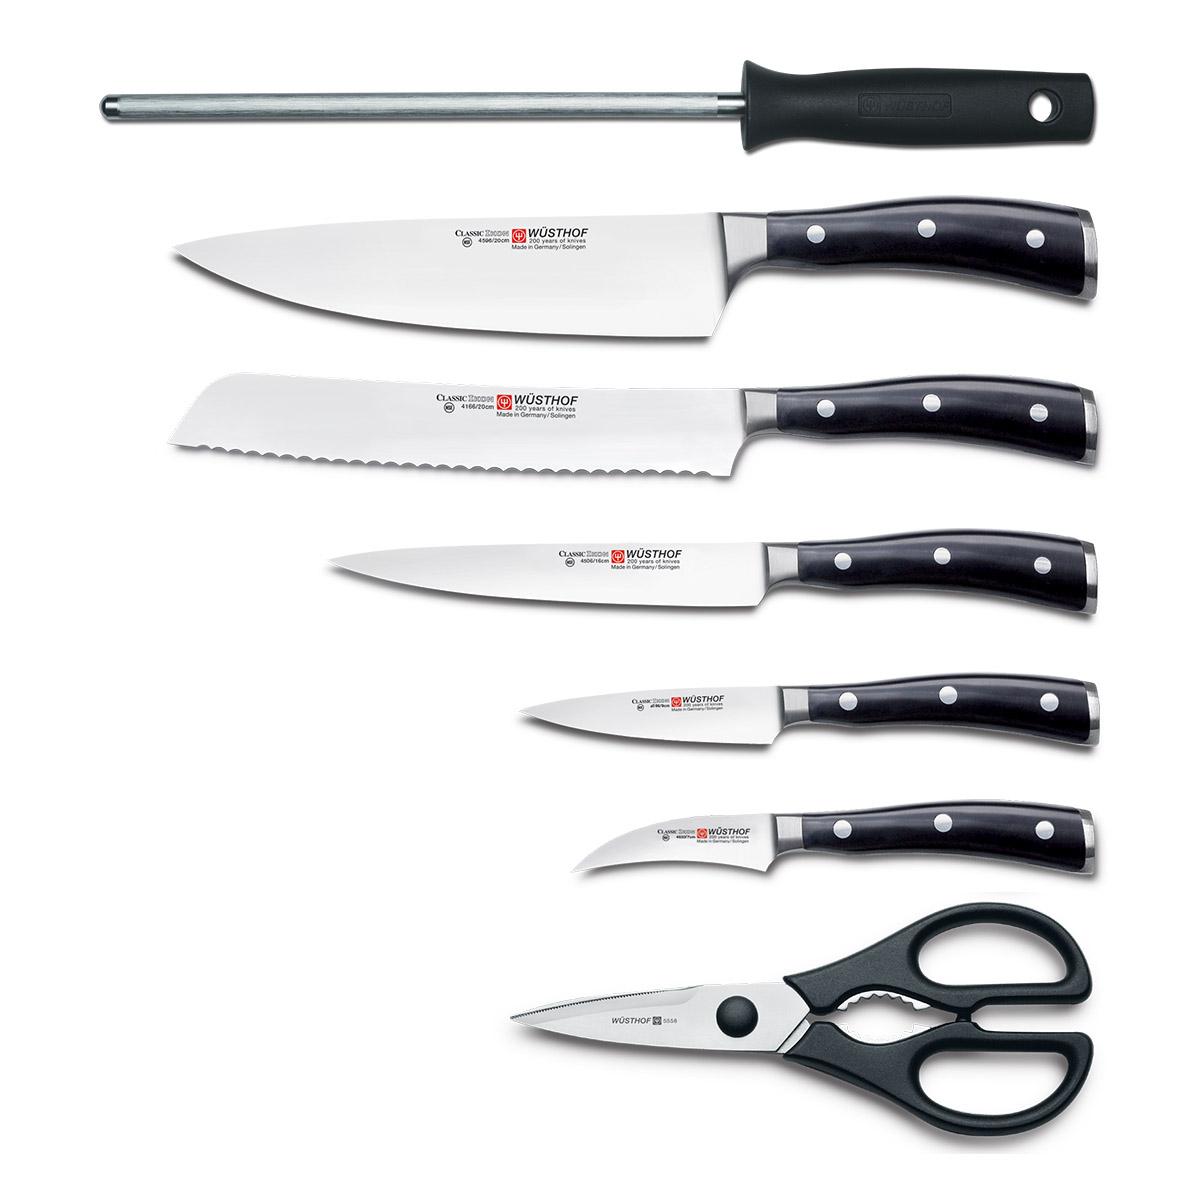 Súprava nožov s ocieľkou, nožnicami a bukovým stojanom 8-dielna Classic Ikon WÜSTHOF - Wüsthof CLASSIC IKON Blok s nožmi 7 ks